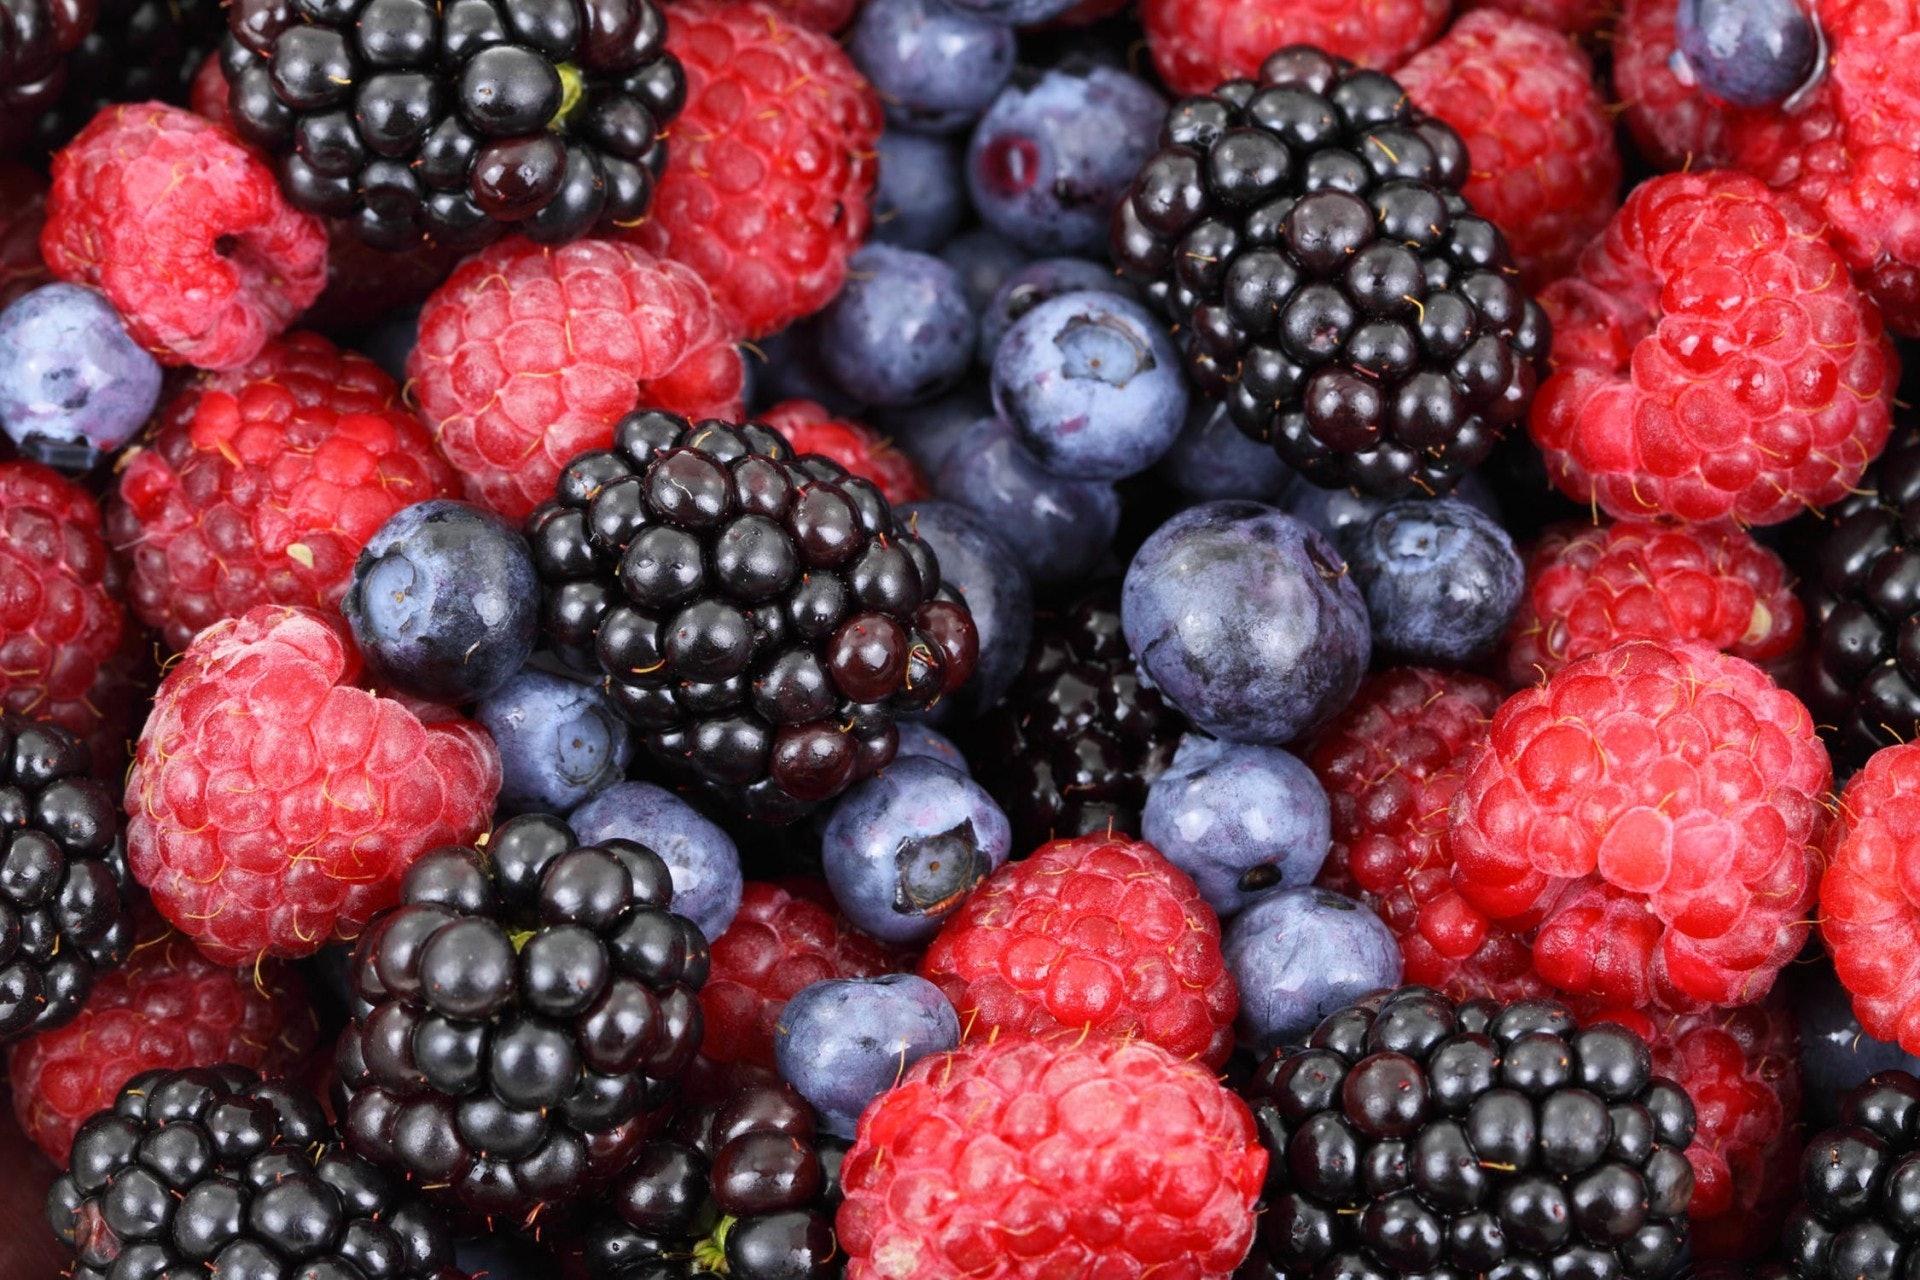 儘管資深腎臟營養專家Joan Brookhyser Hogan大讚覆盆子的功效,不過Kritney認為沒必要吃定一種莓類,建議在日常飲食中多進食不同類型的莓果,均勻地攝取不同的營養素。(Pexels)